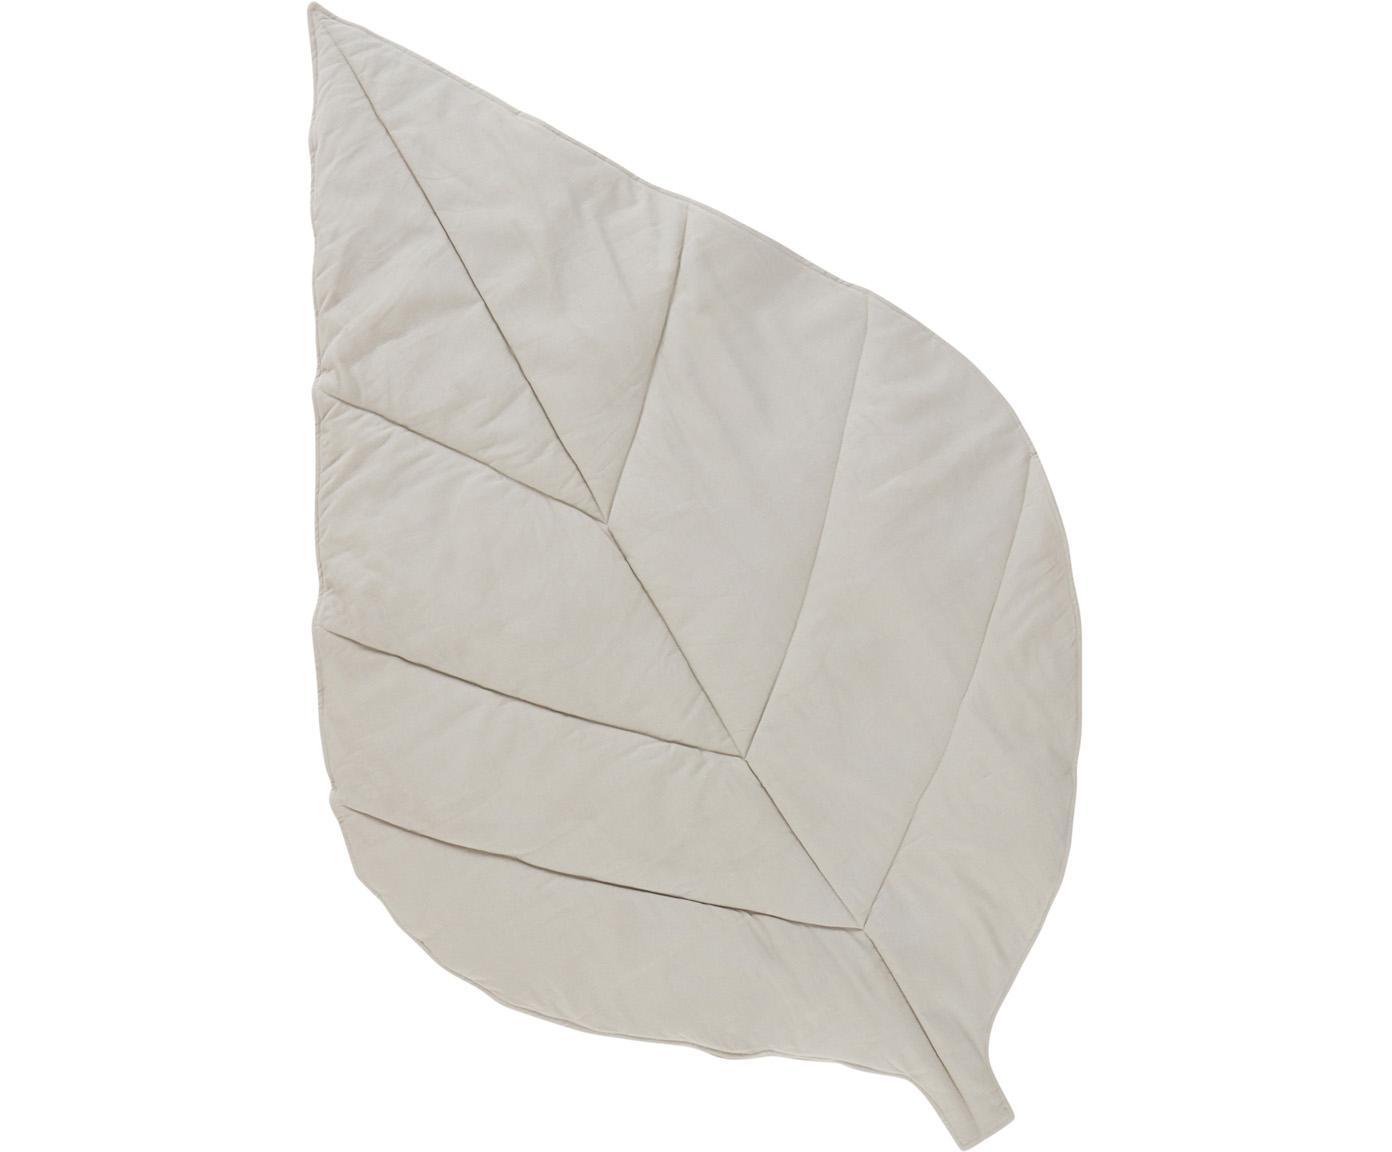 Mata do zabawy Keaton, Tapicerka: 100% bawełna organiczna, Beżowy, S 100 x D 165 cm